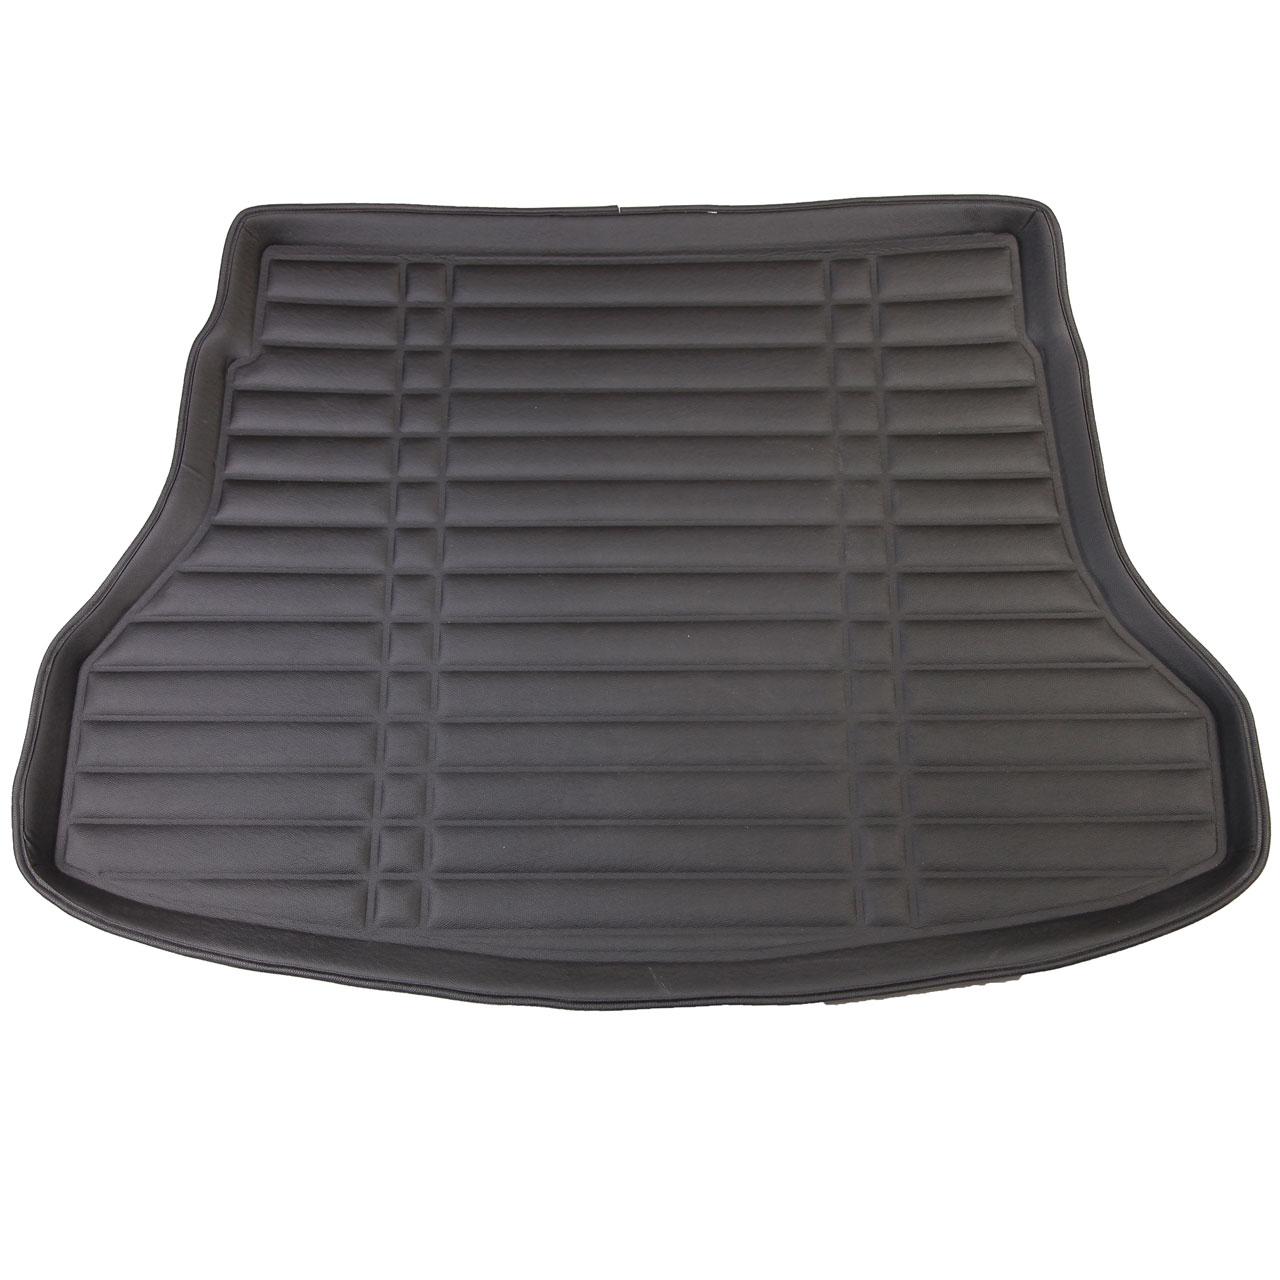 کفپوش سه بعدی صندوق خودرو کد28 مناسب برای ایکس تریل